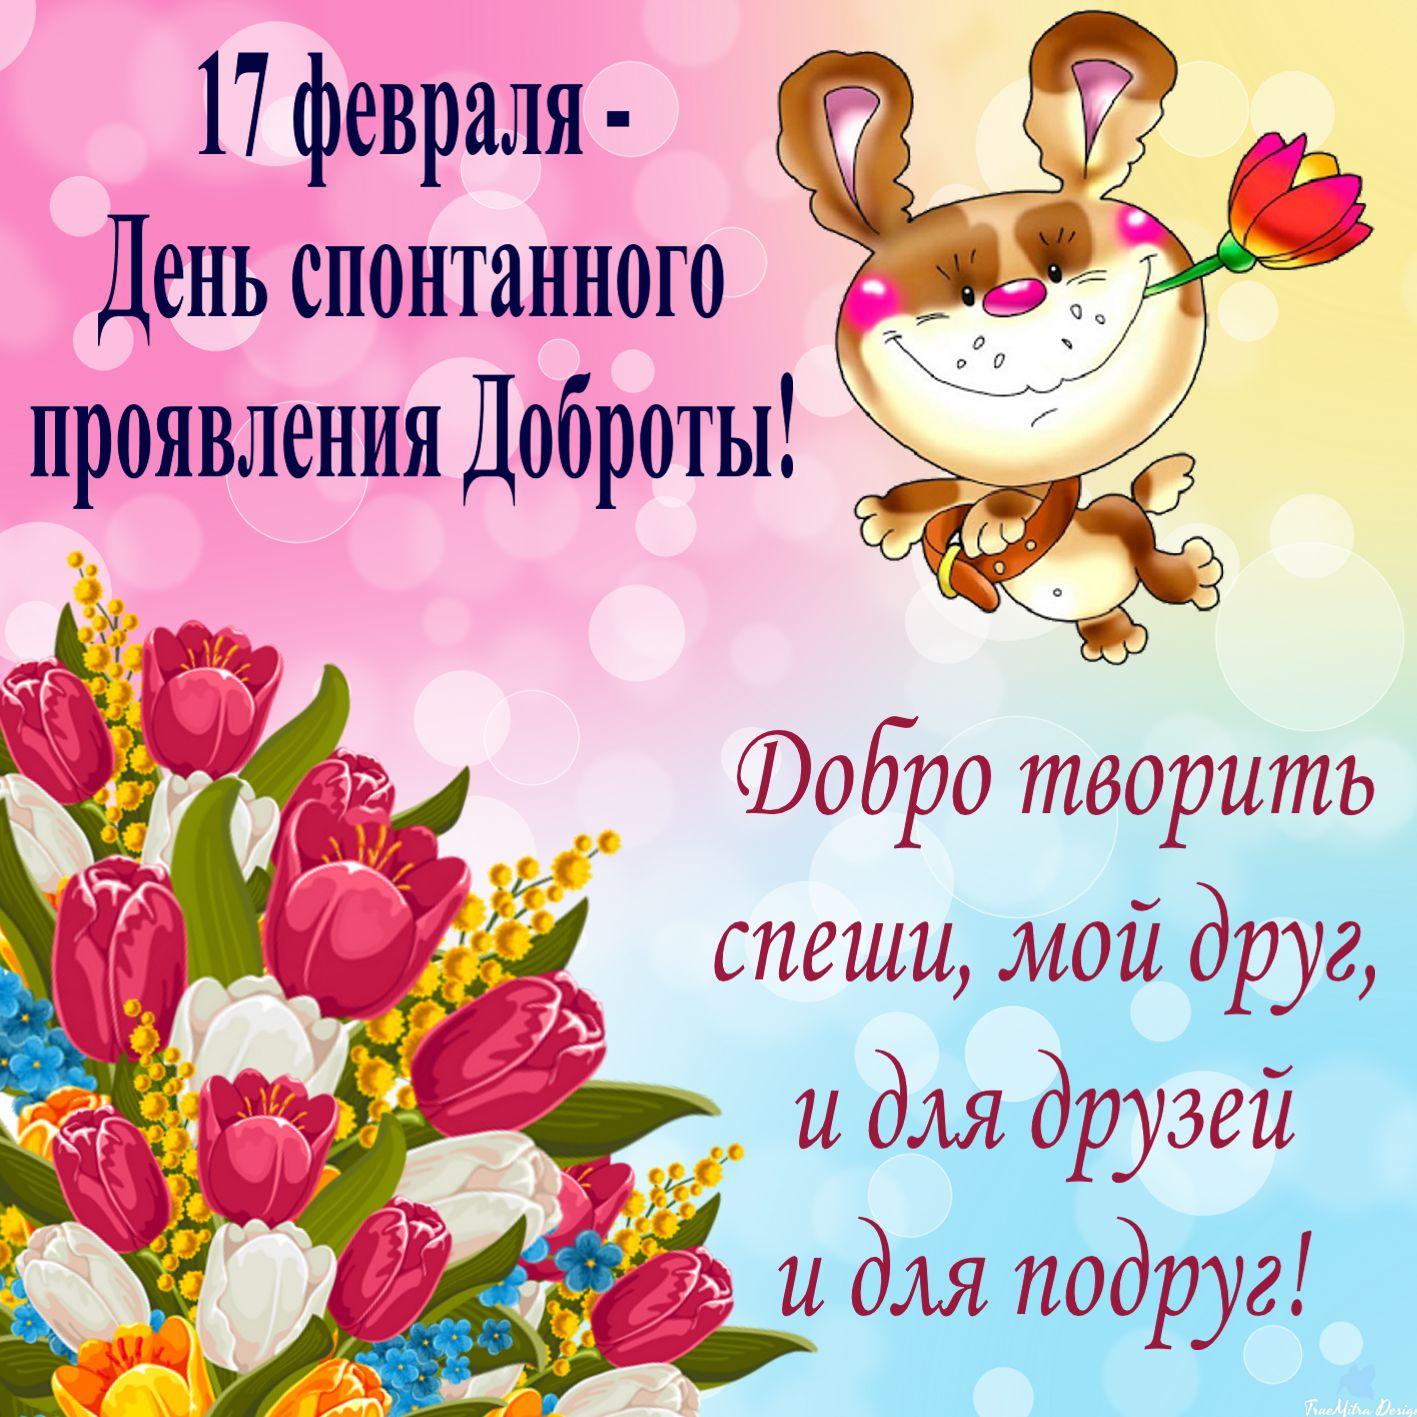 Открытка на 17 февраля с красивыми цветами